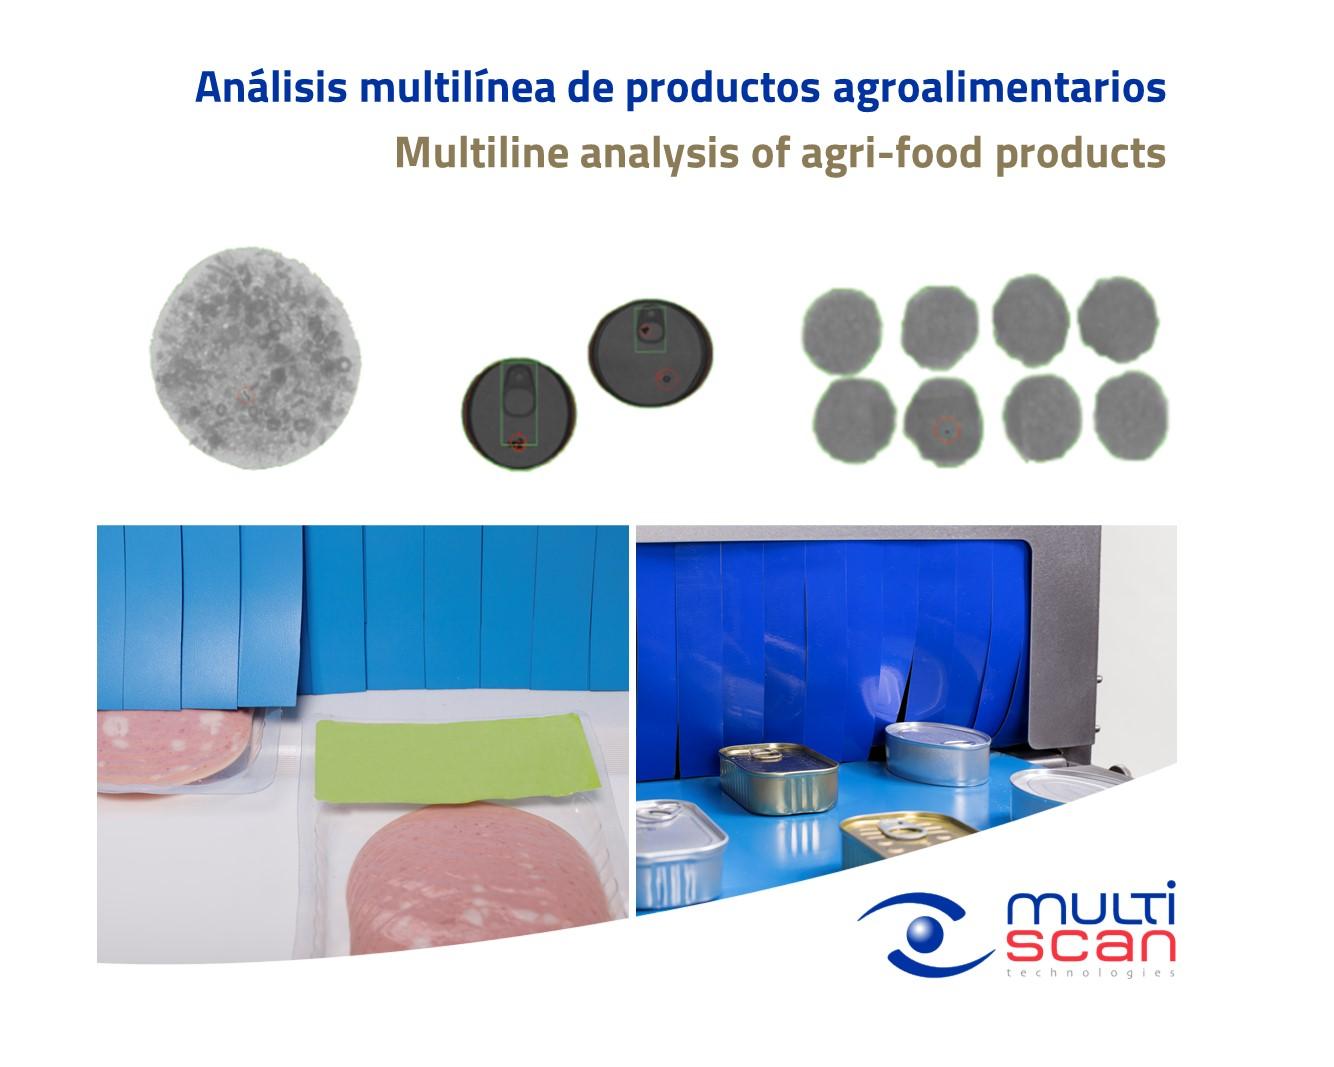 Análisis multilínea de productos agroalimentarios